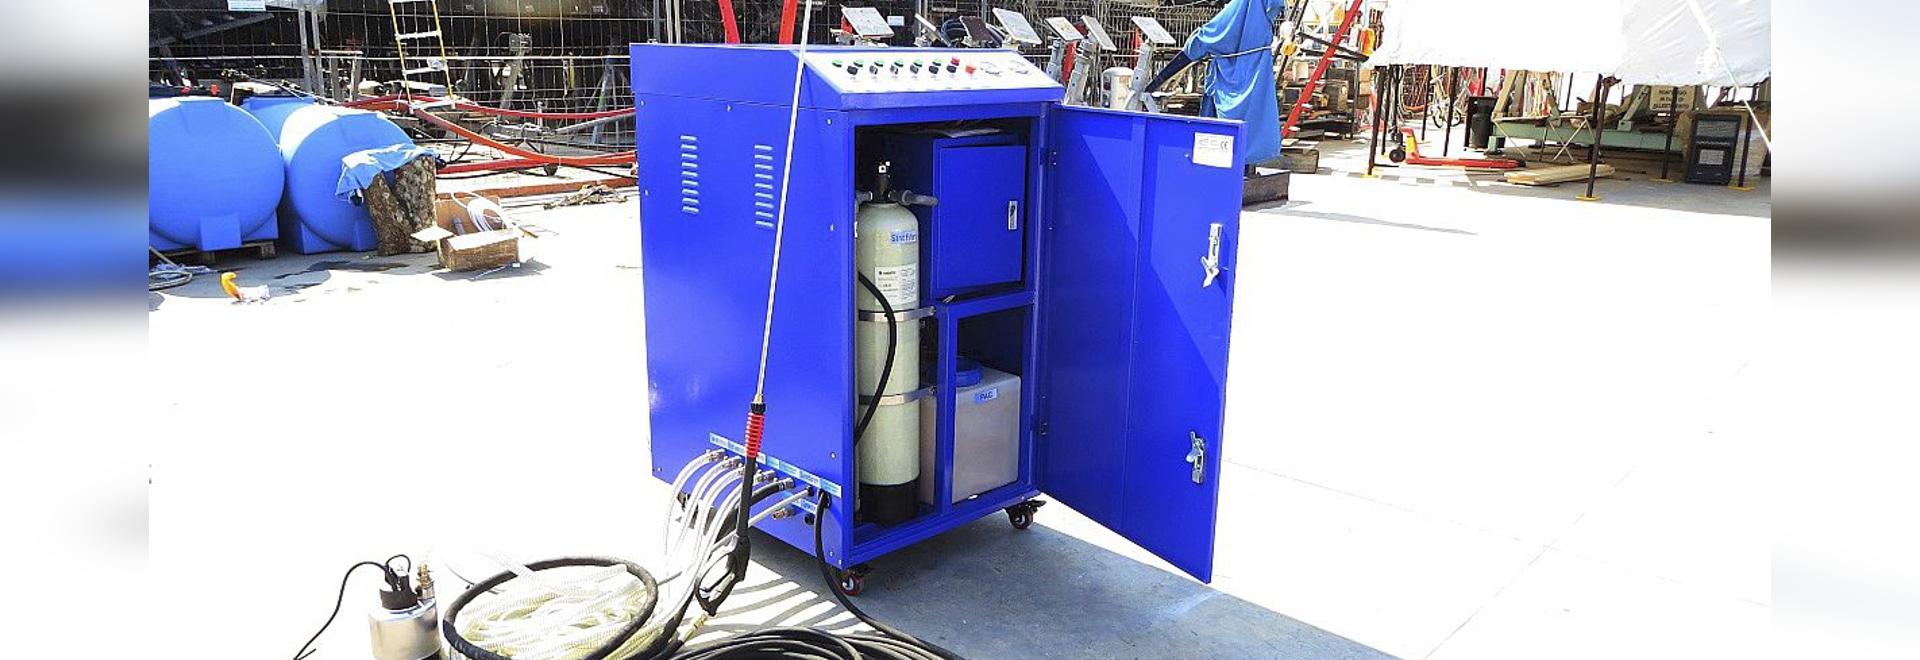 Première rondelle à haute pression du monde avec l'installation de traitement de l'eau incorporée.